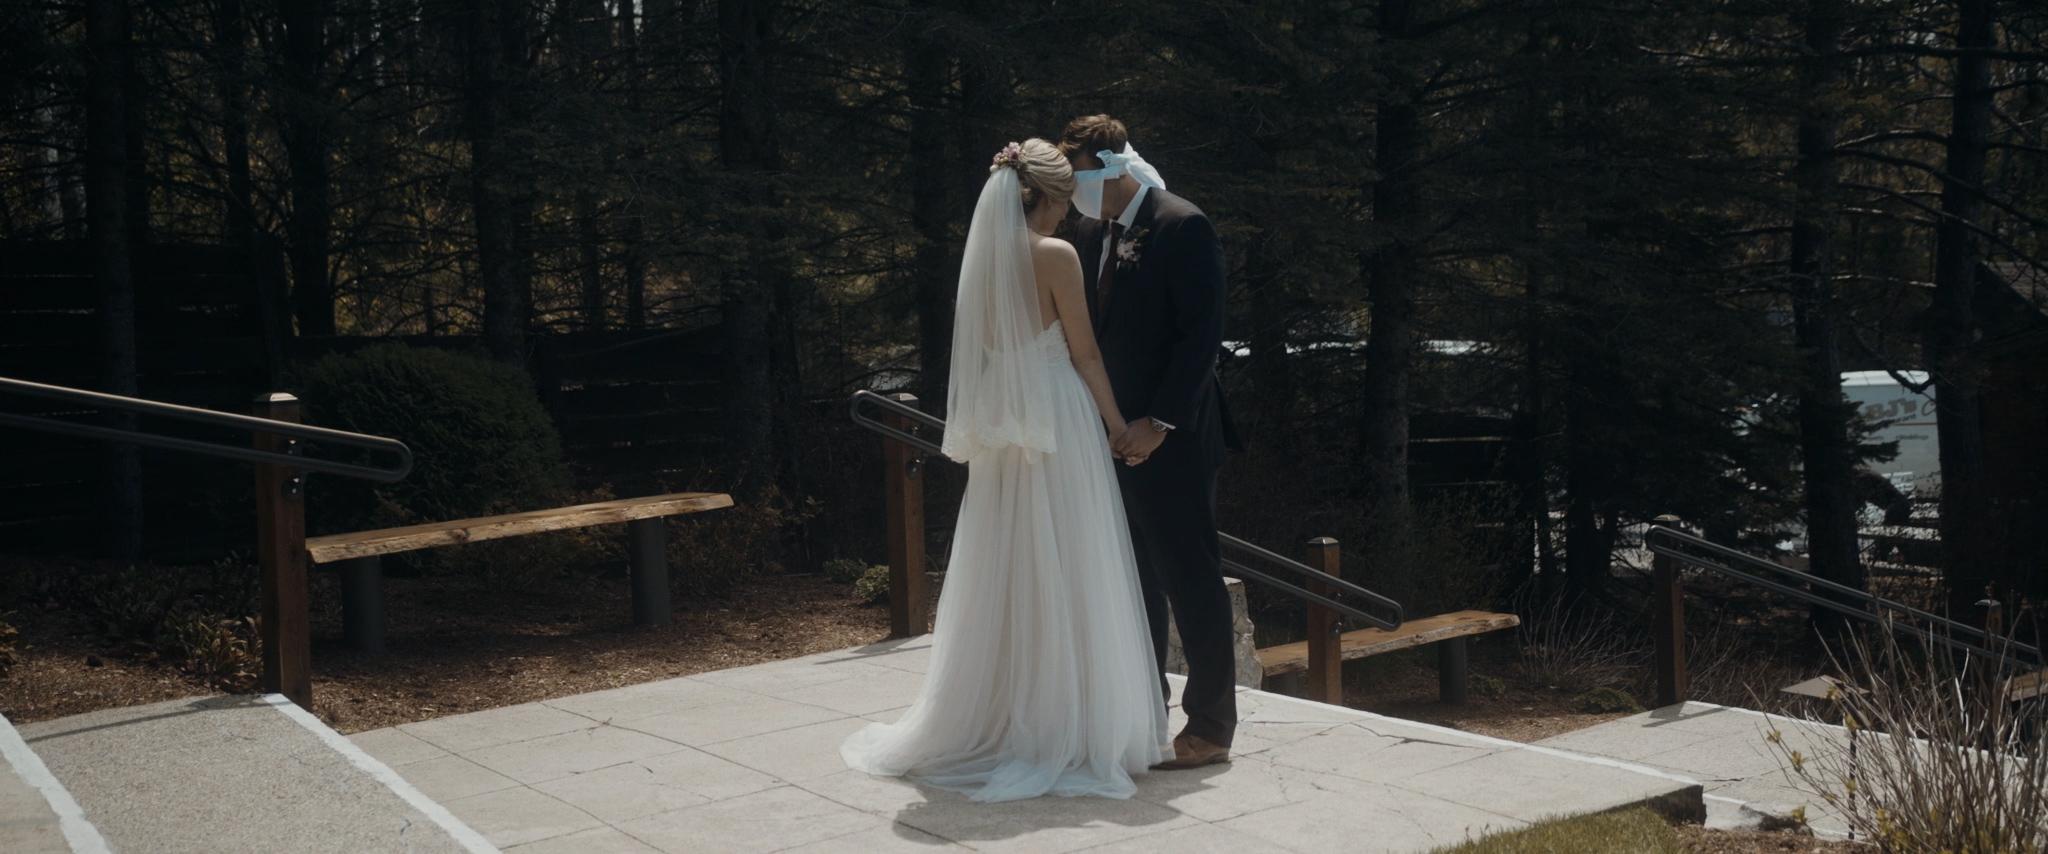 HAVENS_Wedding_Film.00_02_36_02.Still032.jpg